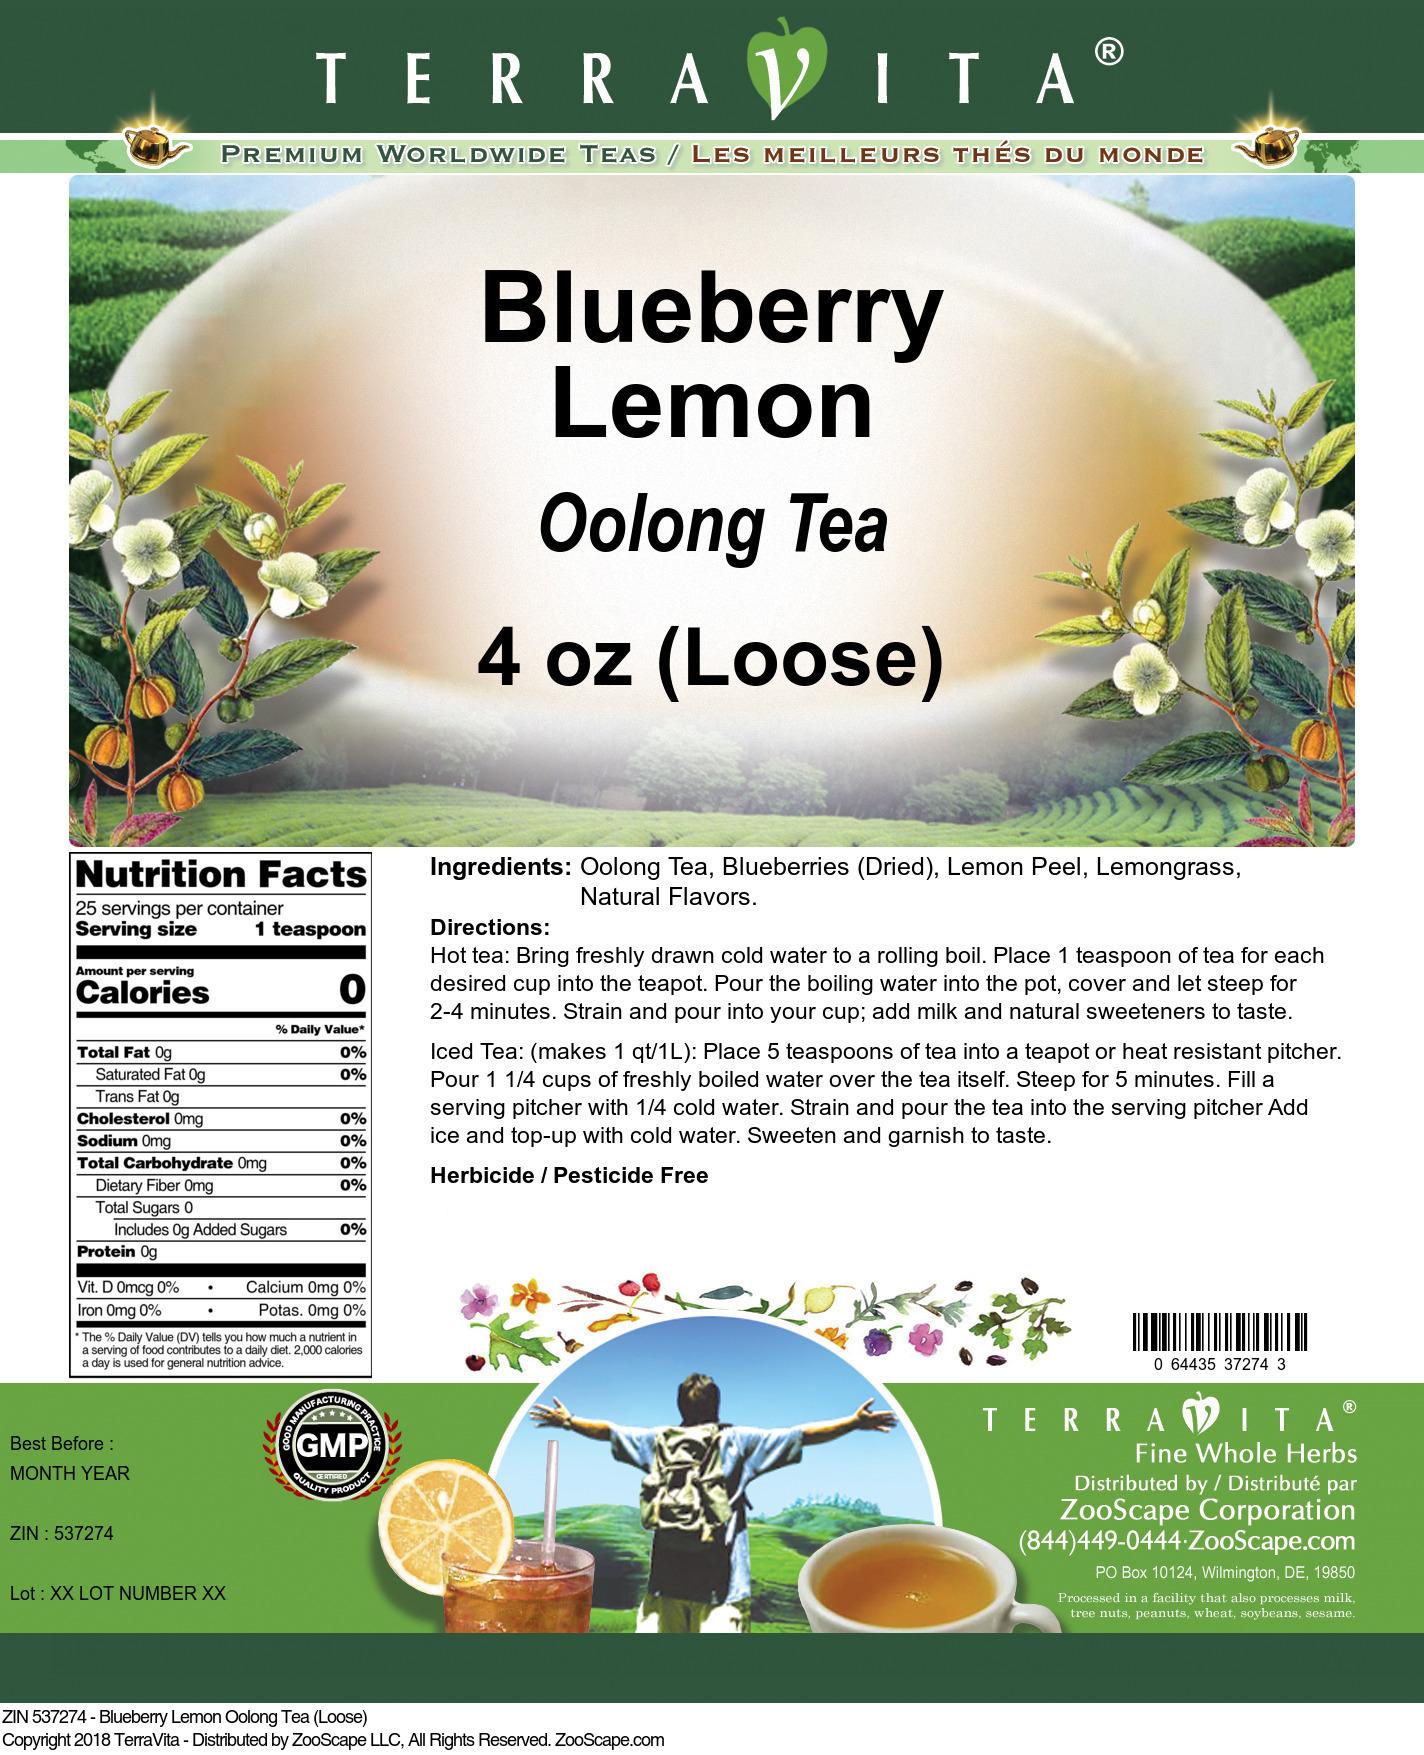 Blueberry Lemon Oolong Tea (Loose)